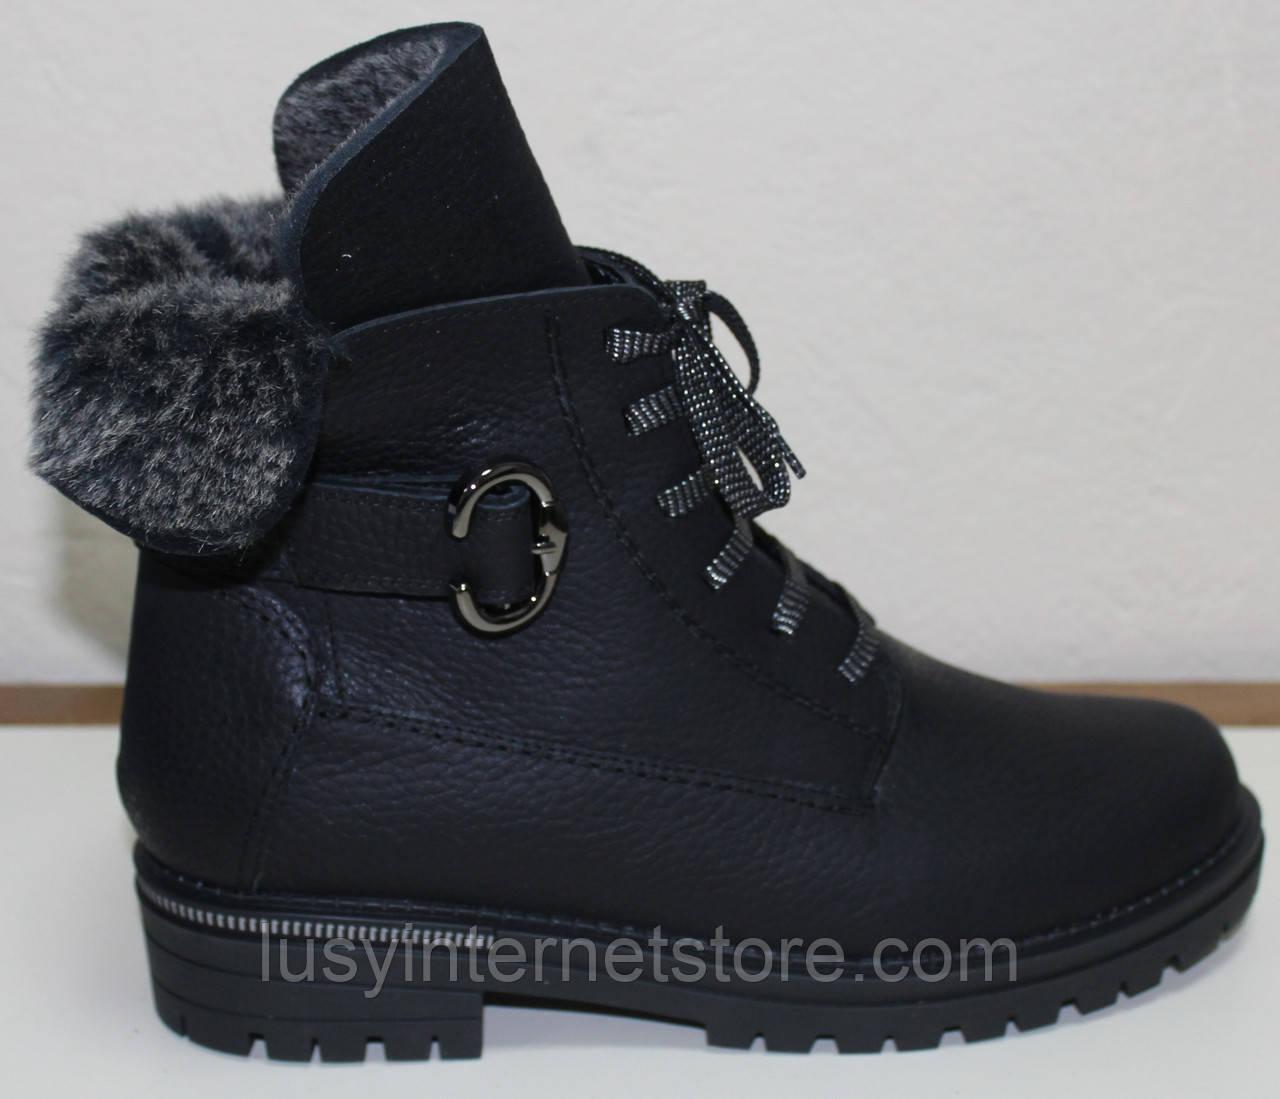 Ботинки женские зимние большого размера от производителя модель МИ5302-11